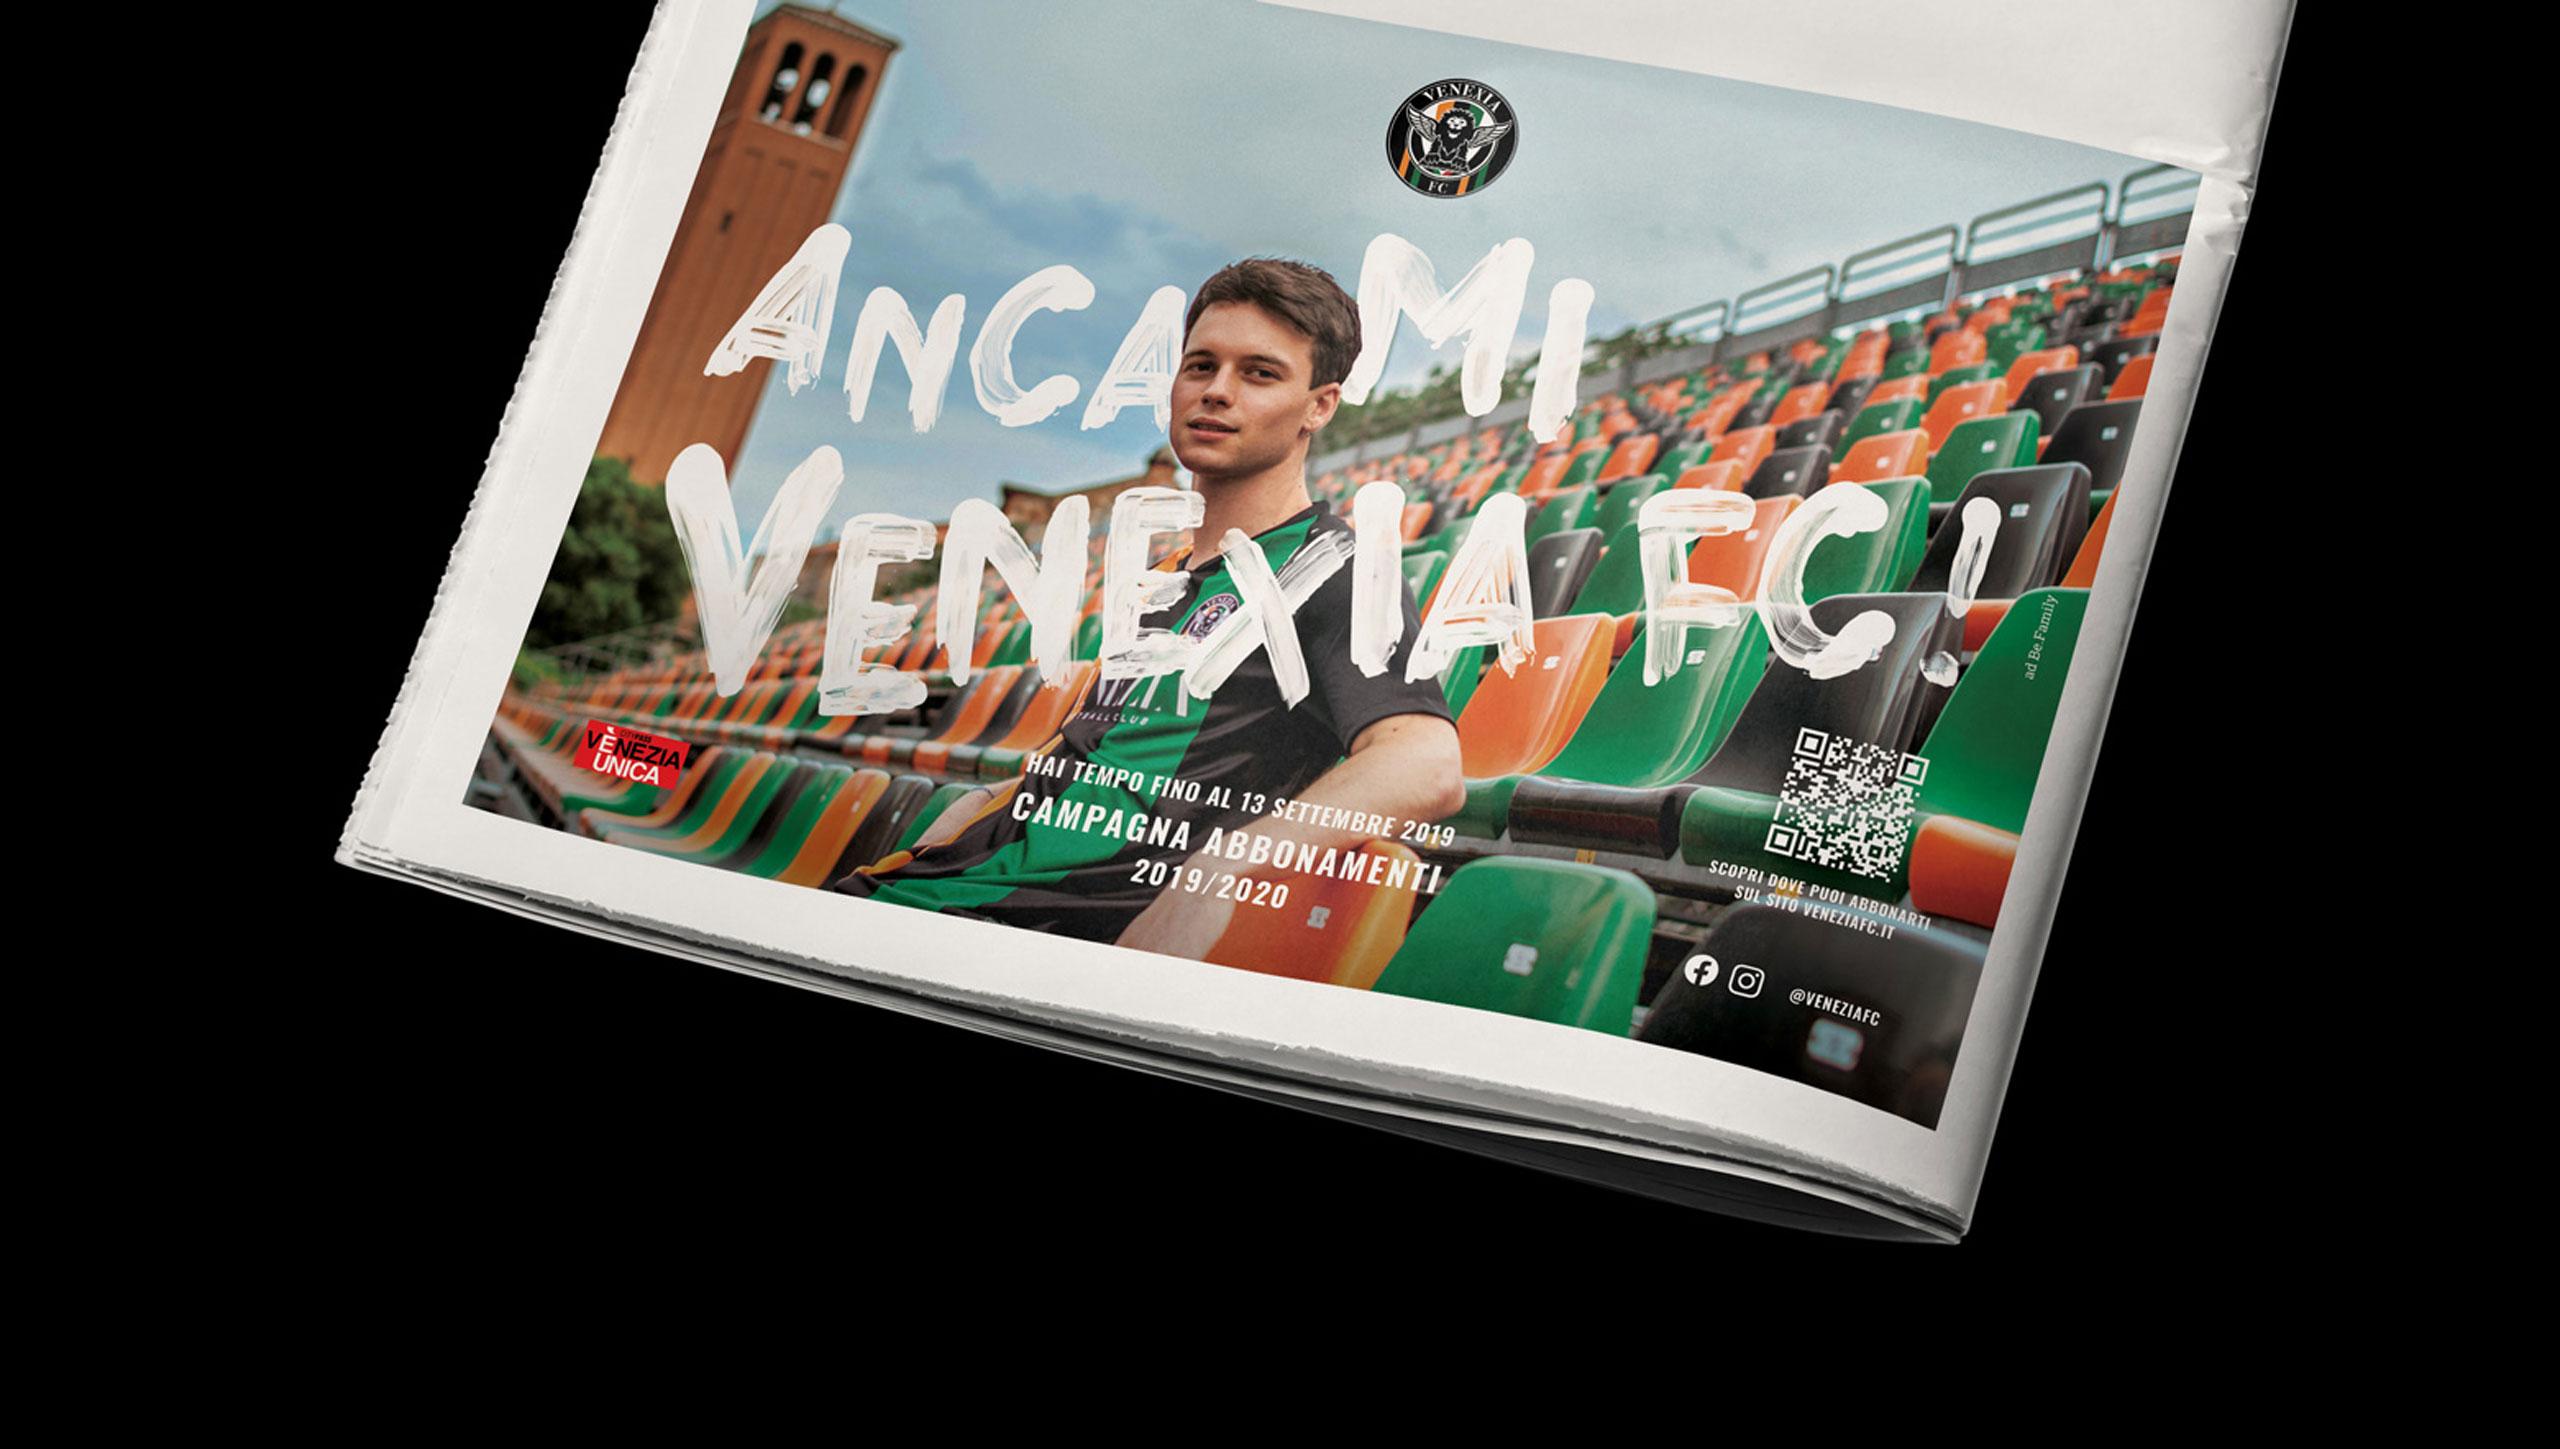 Magazine ADV Venezia FC